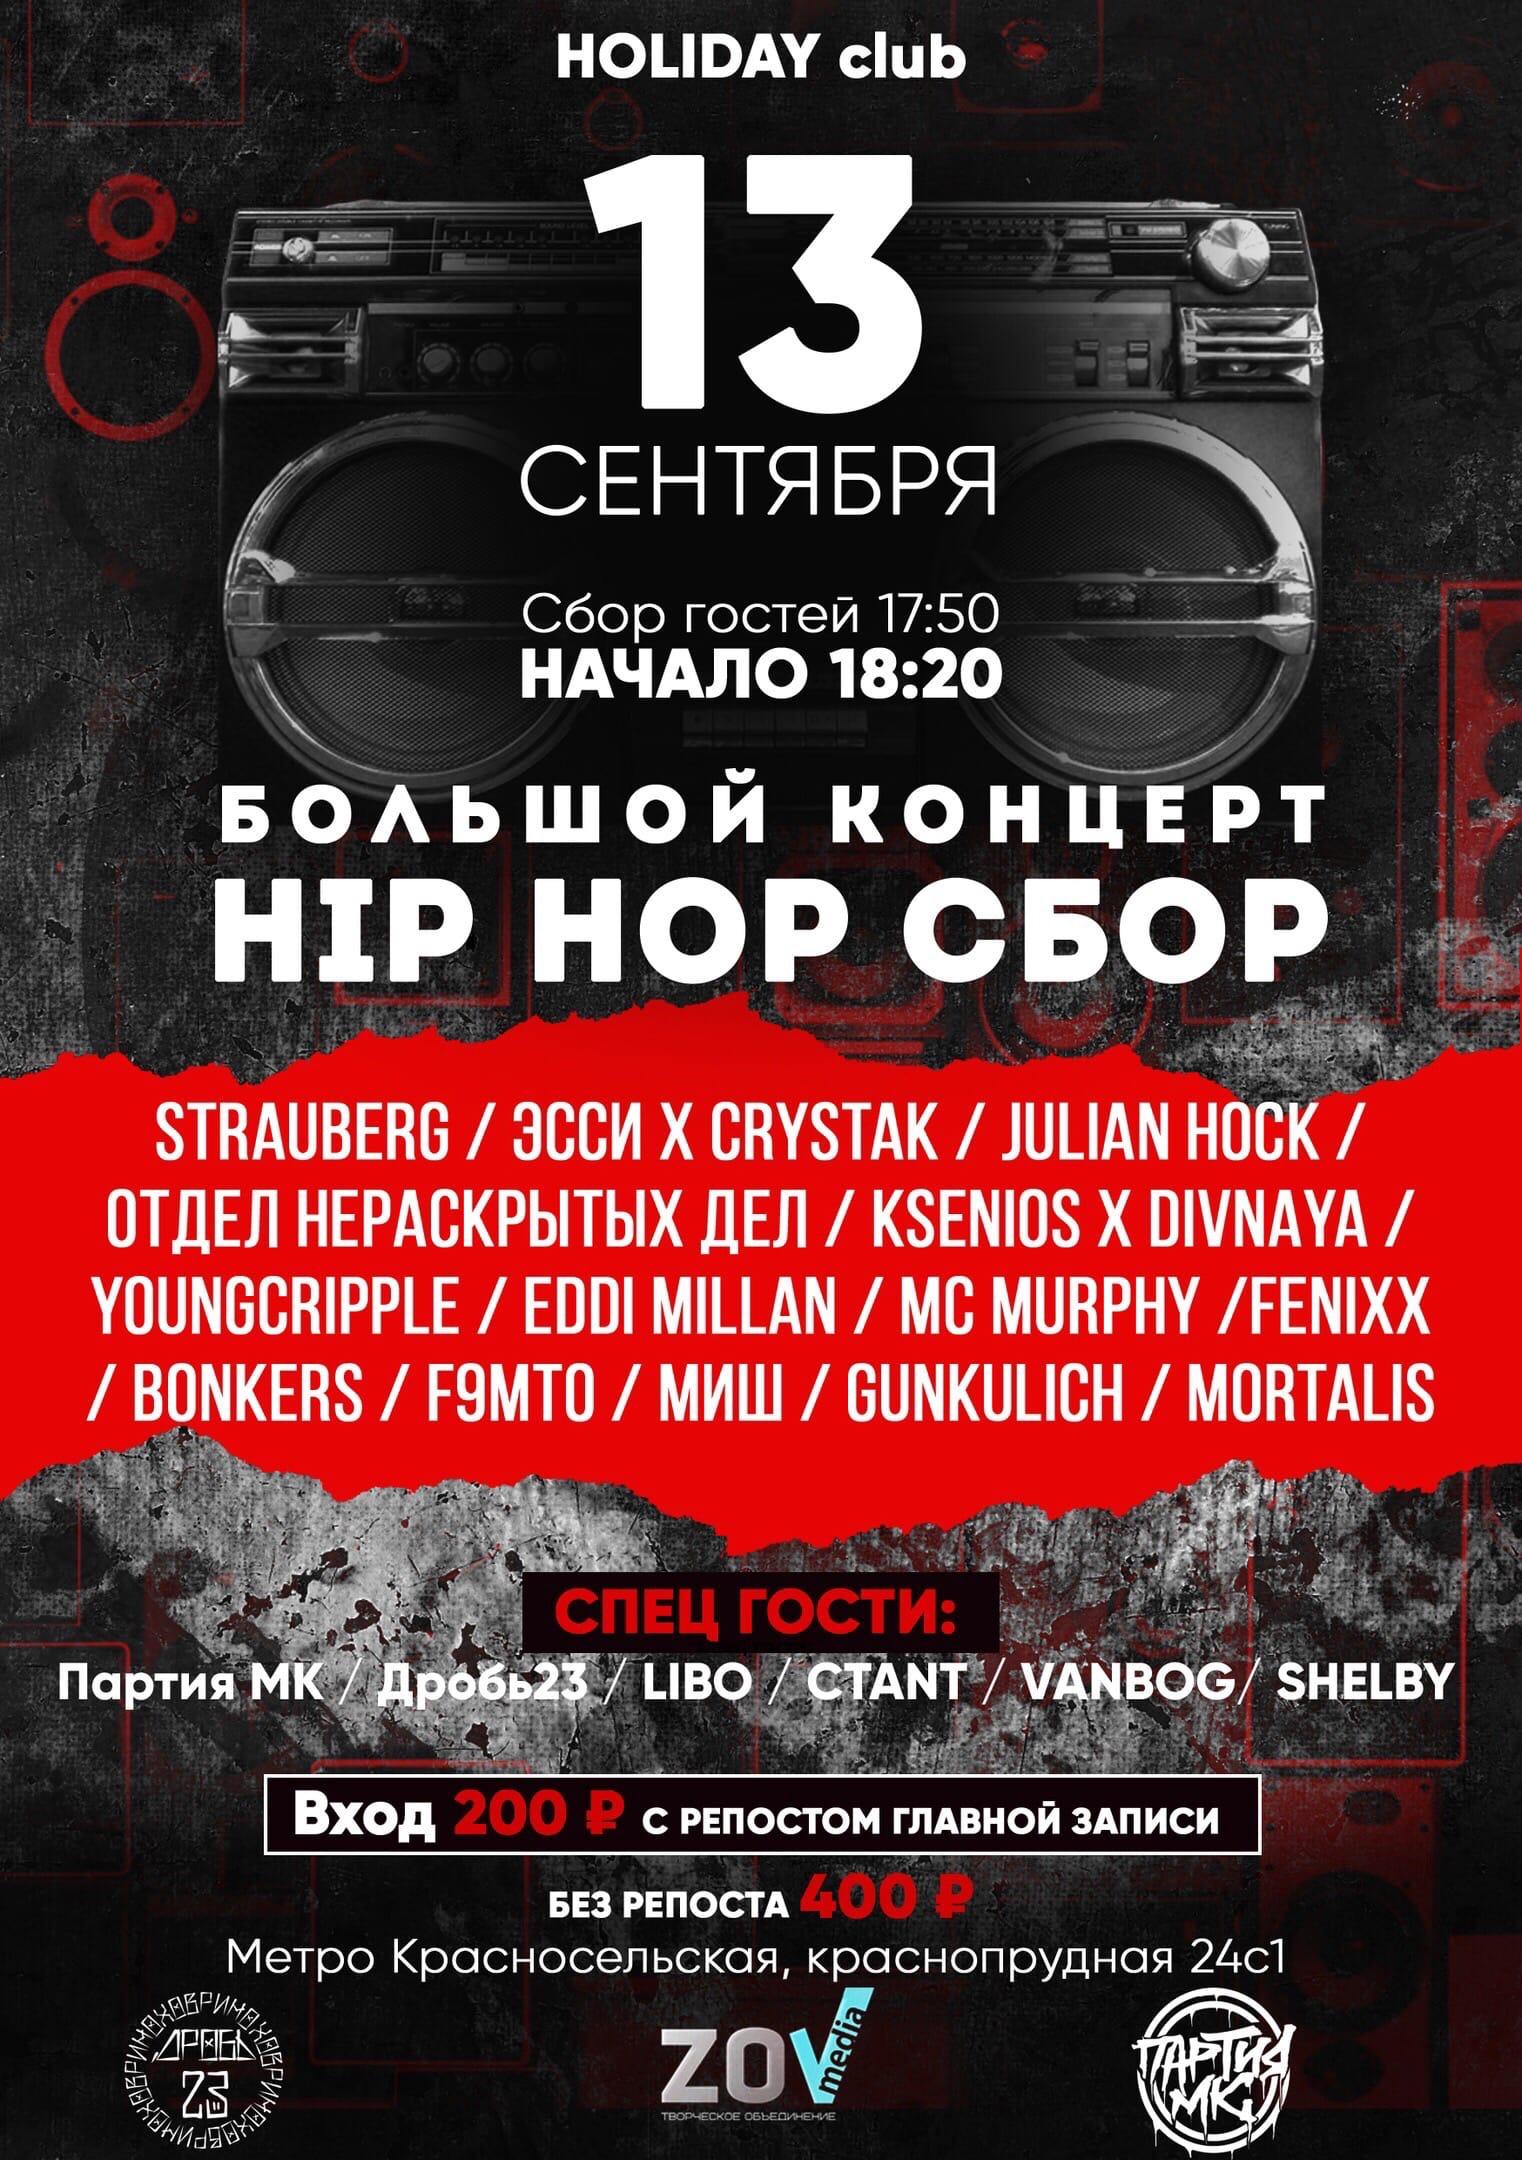 Hip Hop Сбор